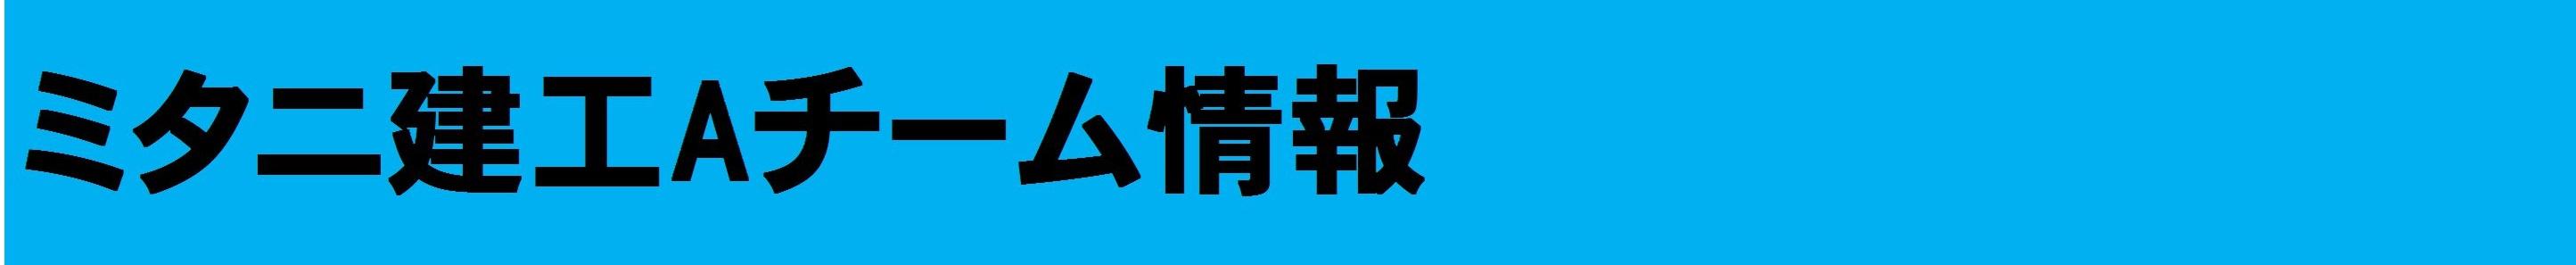 選手紹介ラベル-104 - コピー